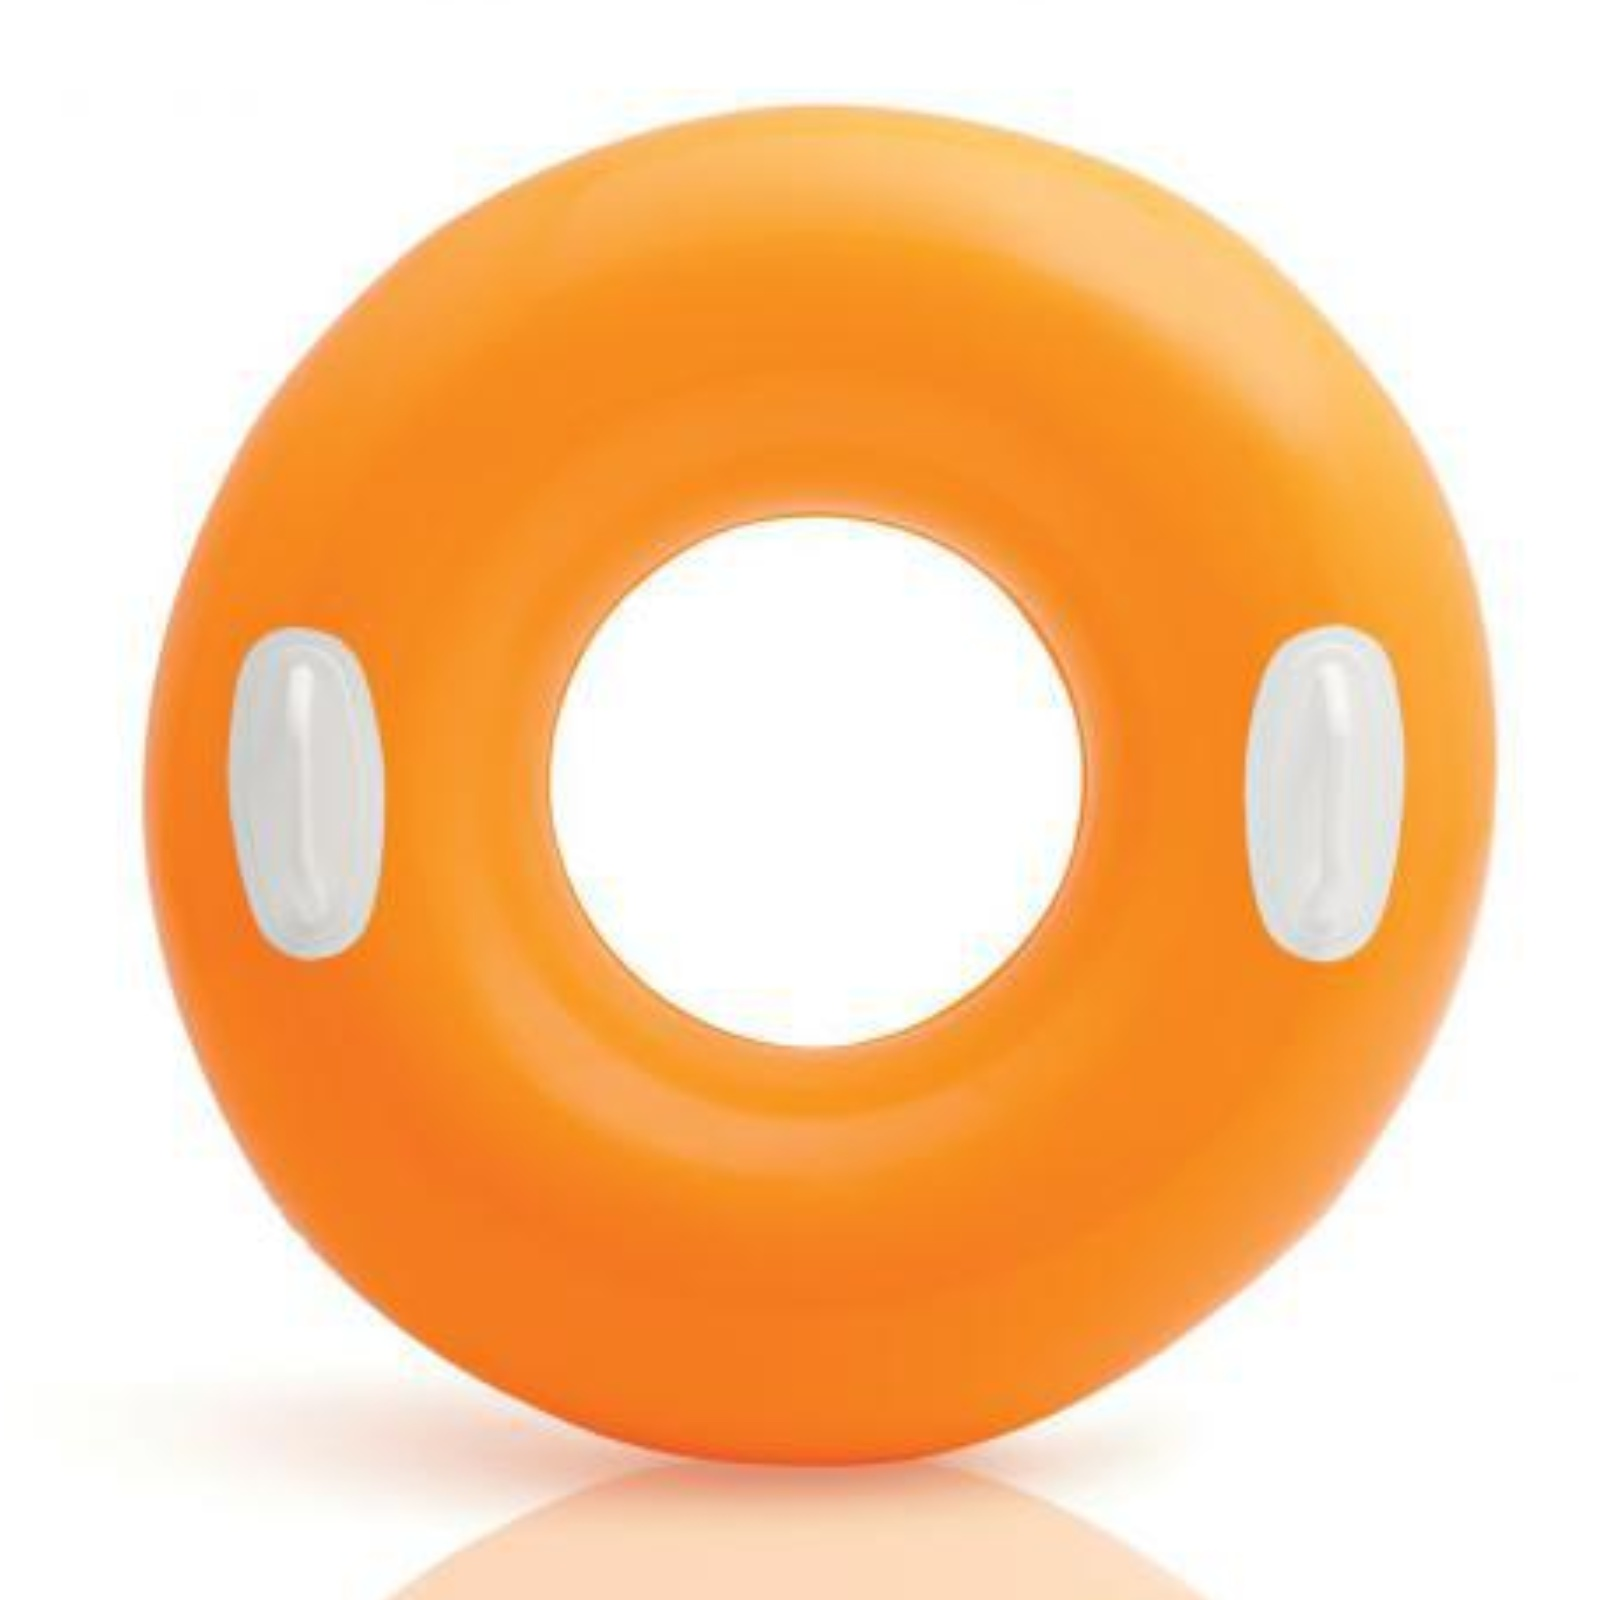 Nafukovací kruh s držadlem 76 cm - oranžový